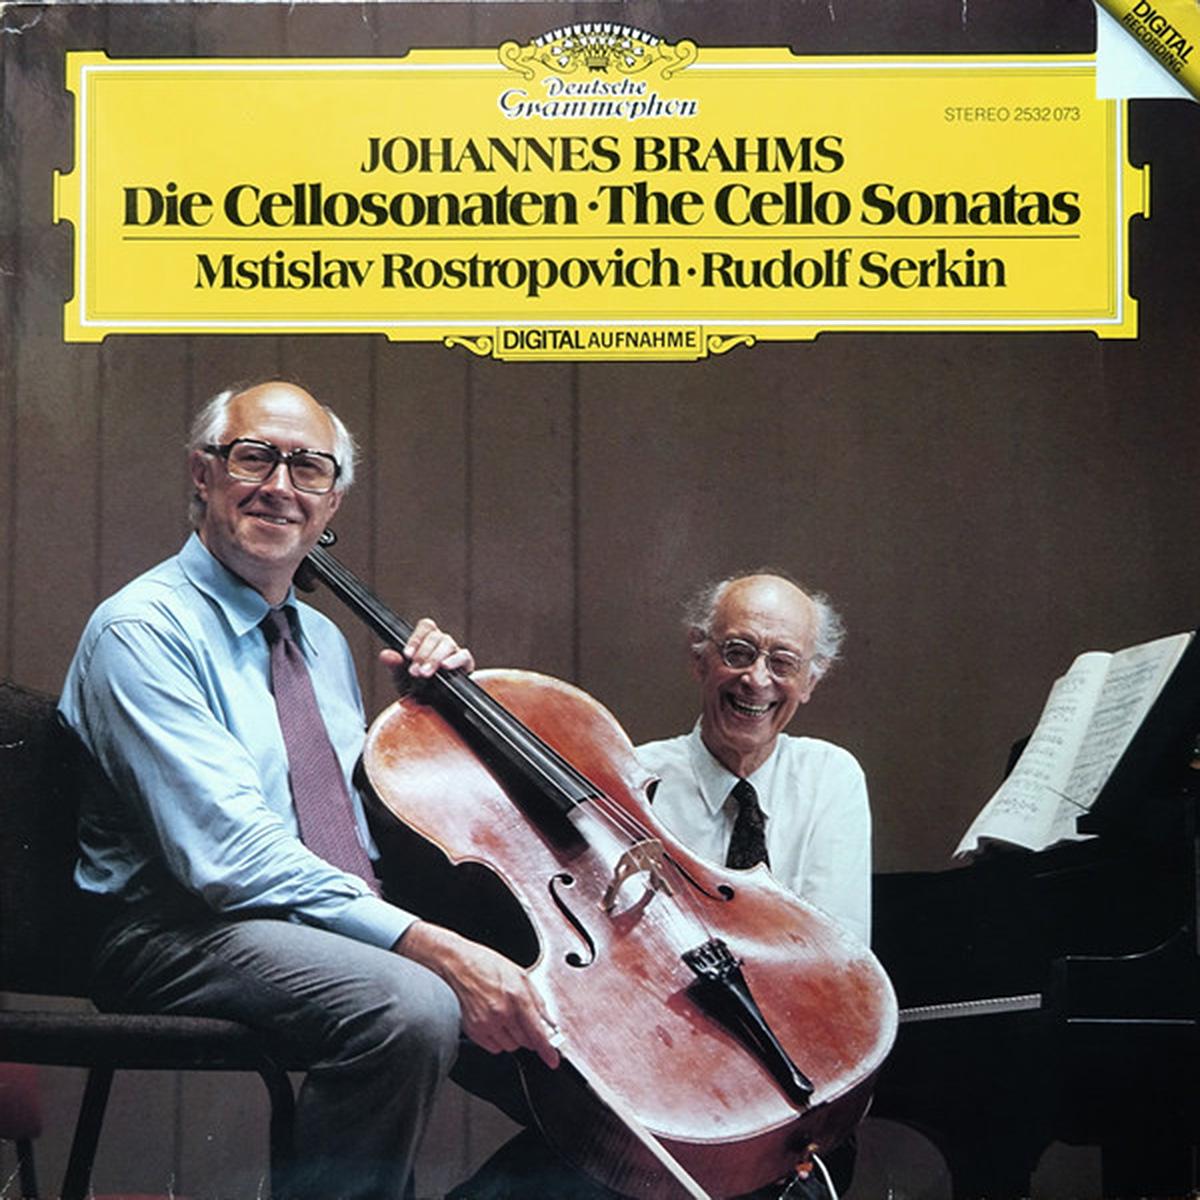 DGG 2532073_Brahms Sonates Rosropovitch Serkin